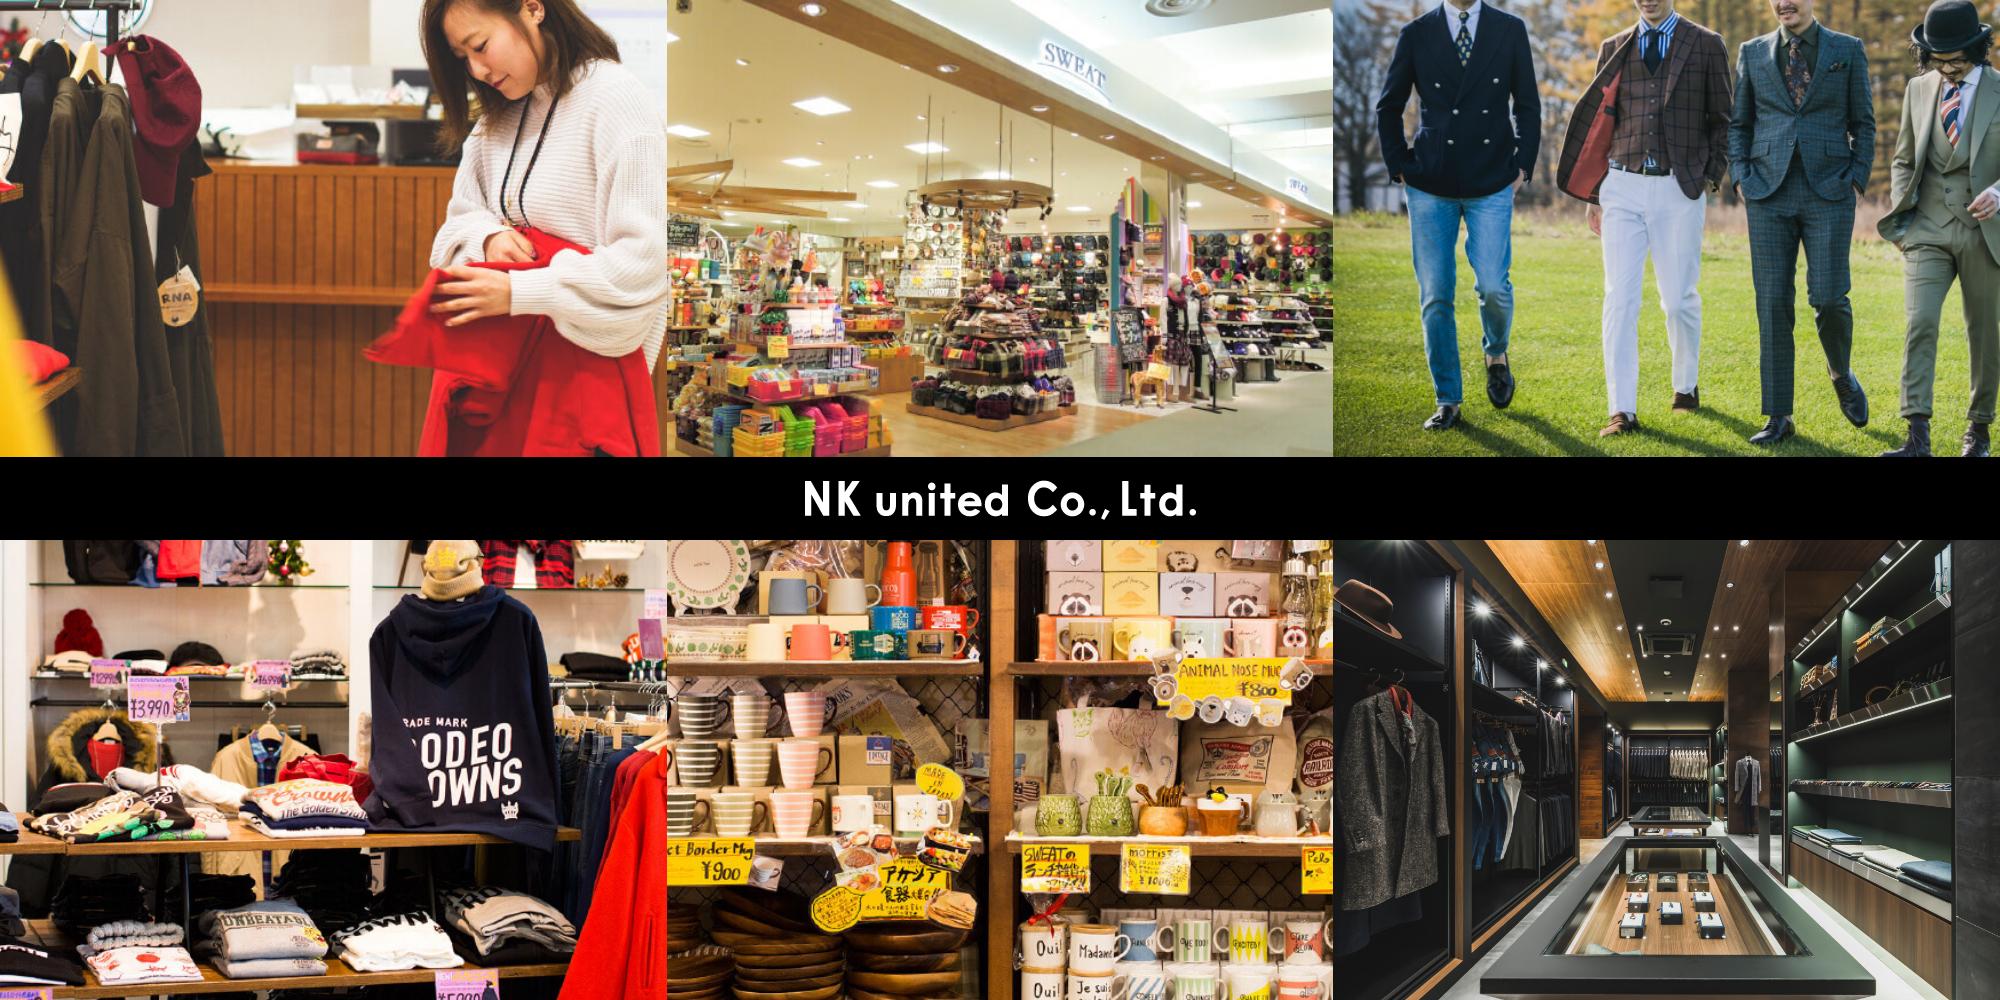 株式会社NKユナイテッド